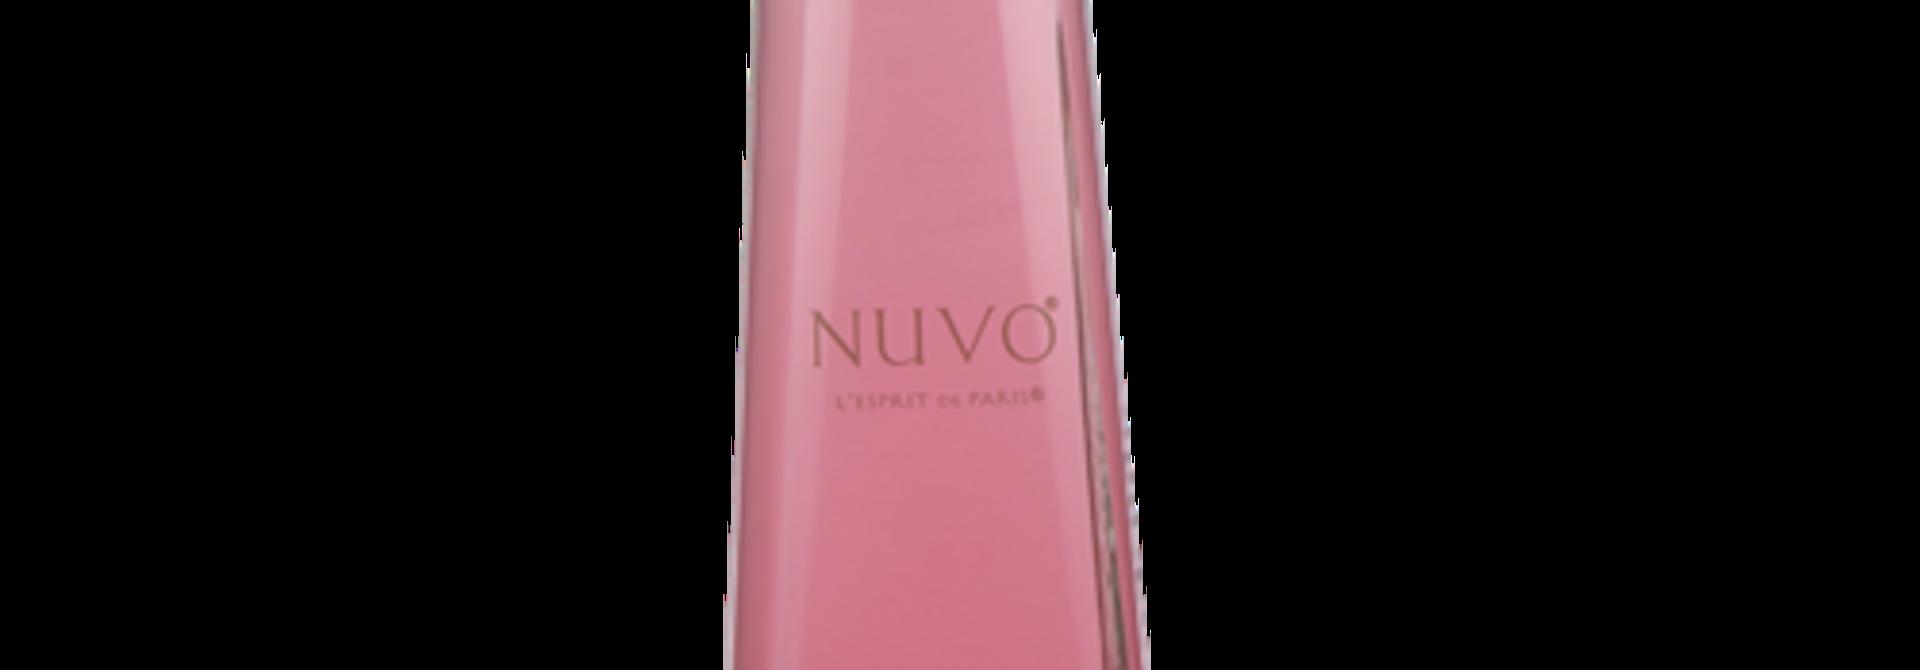 Nuvo Sparkling Vodka Liqueur 0.7ltr